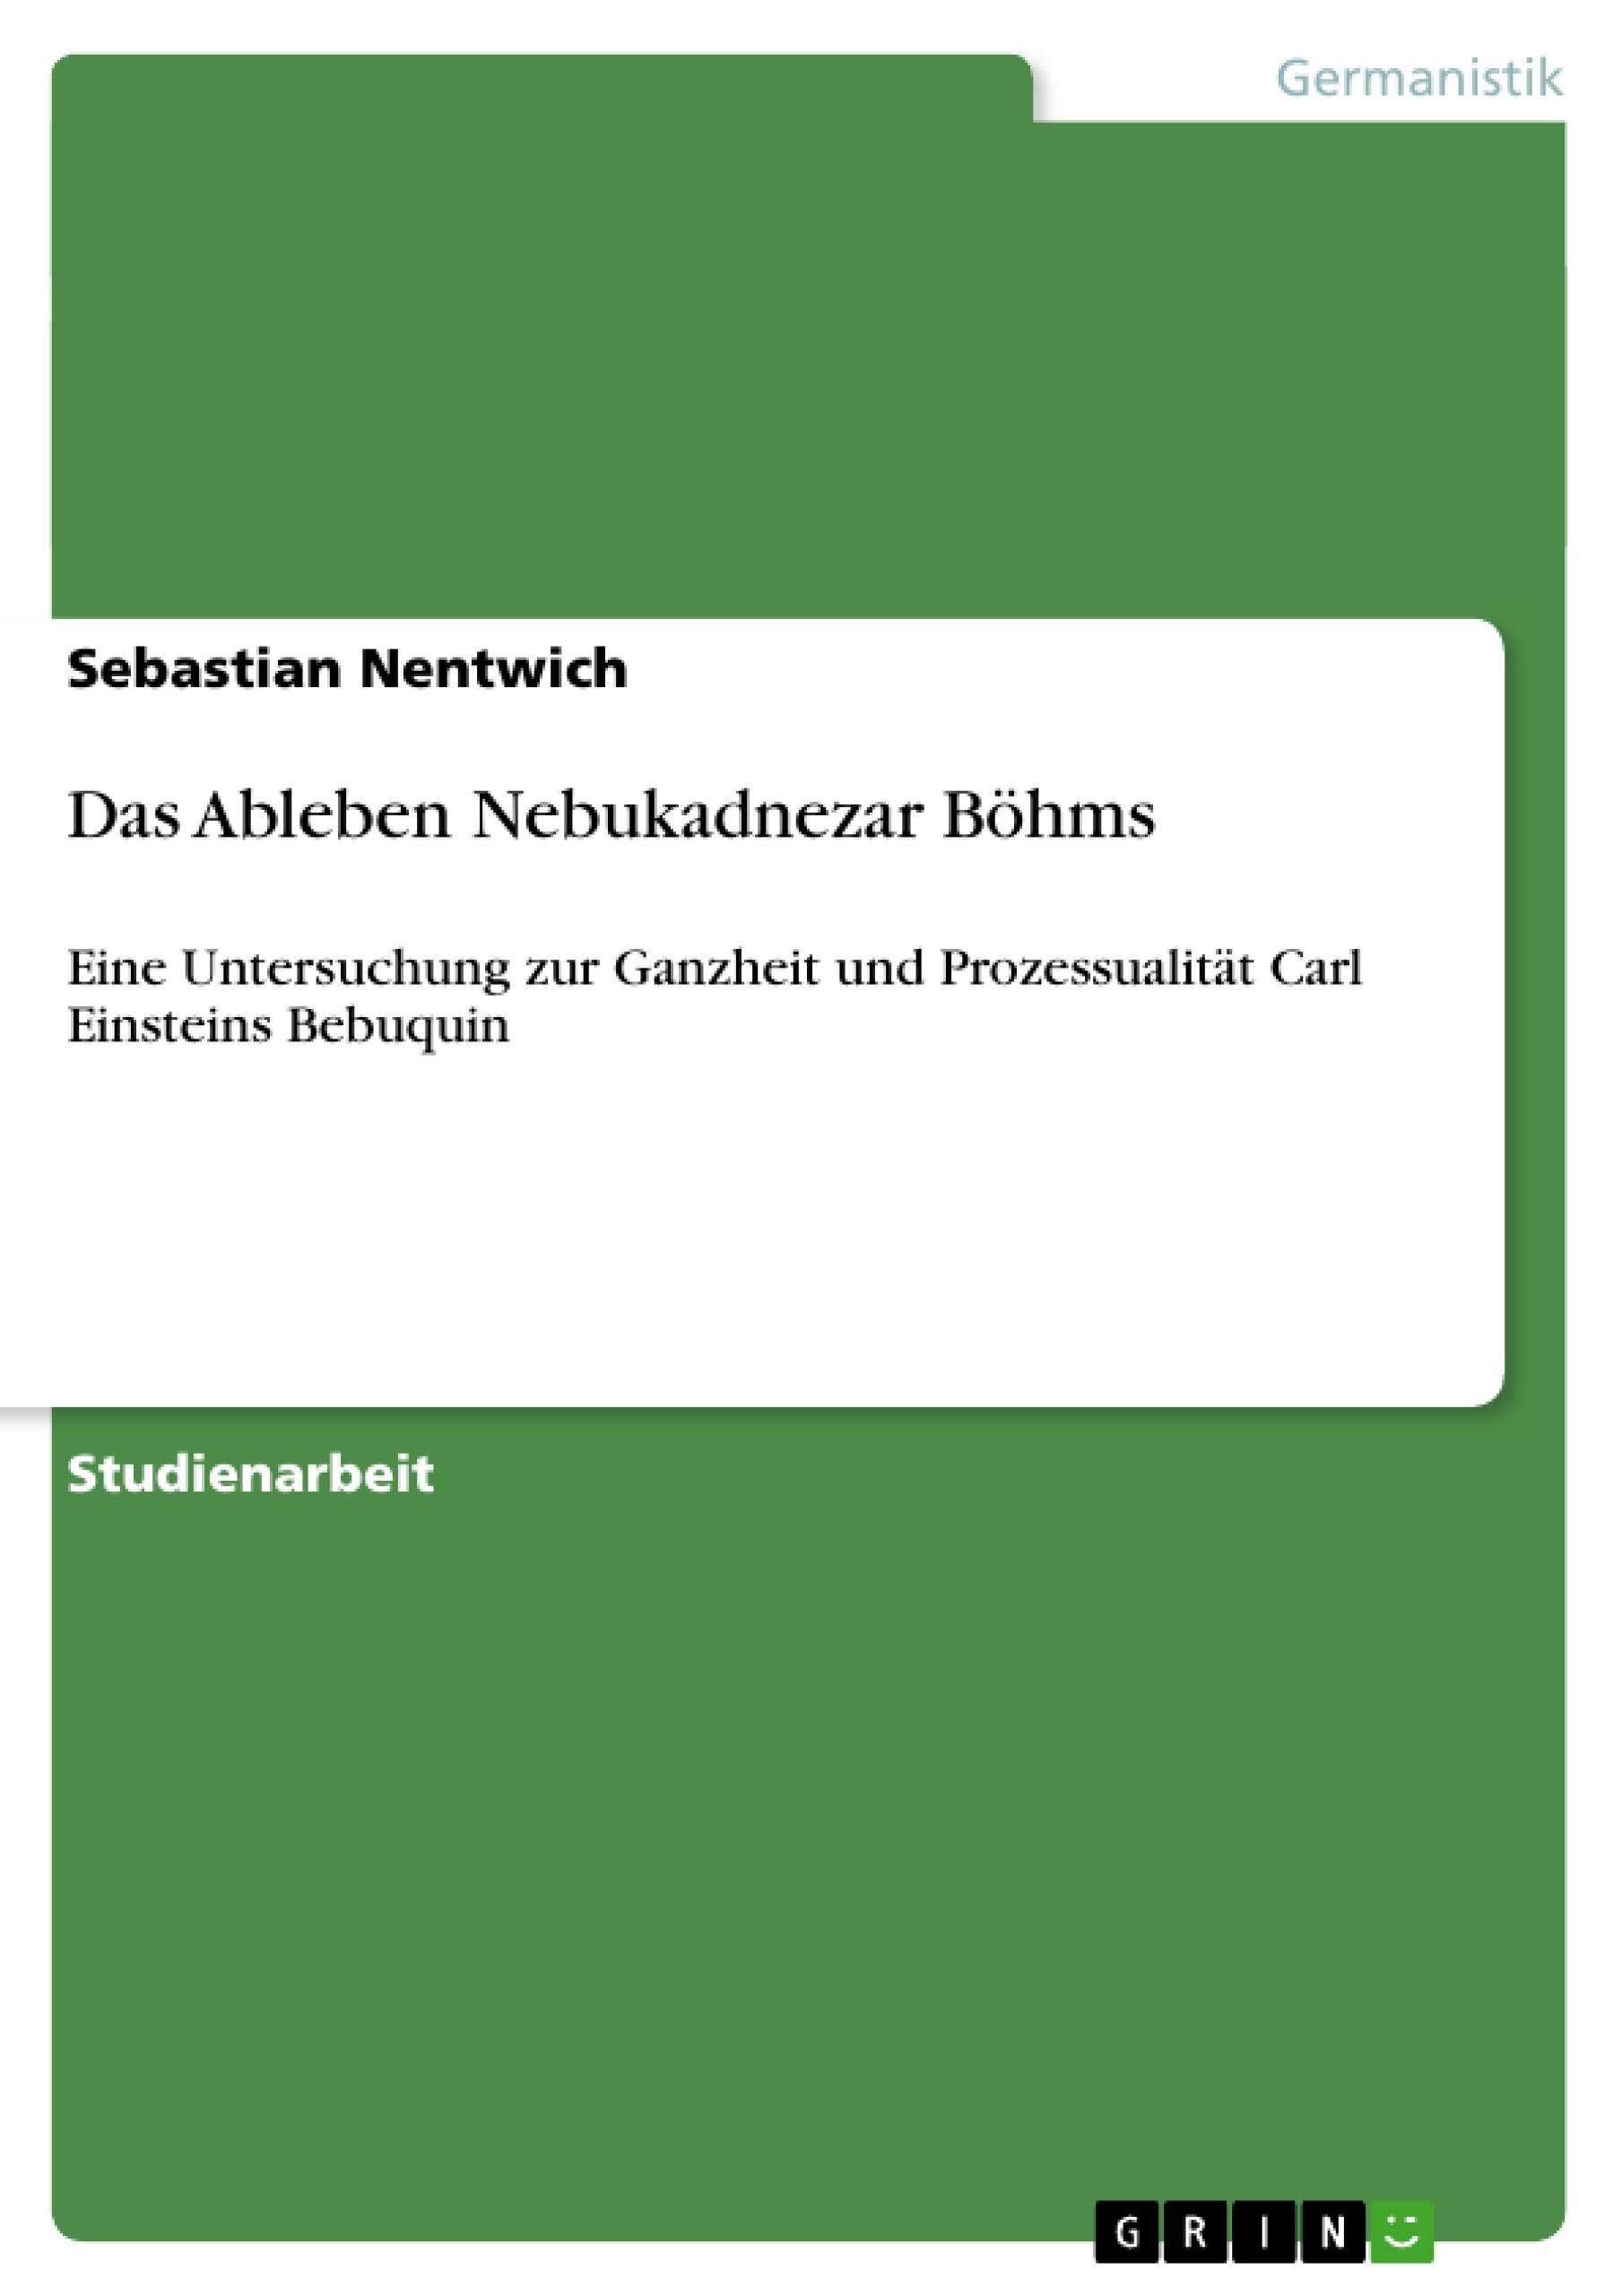 Titel: Das Ableben Nebukadnezar Böhms